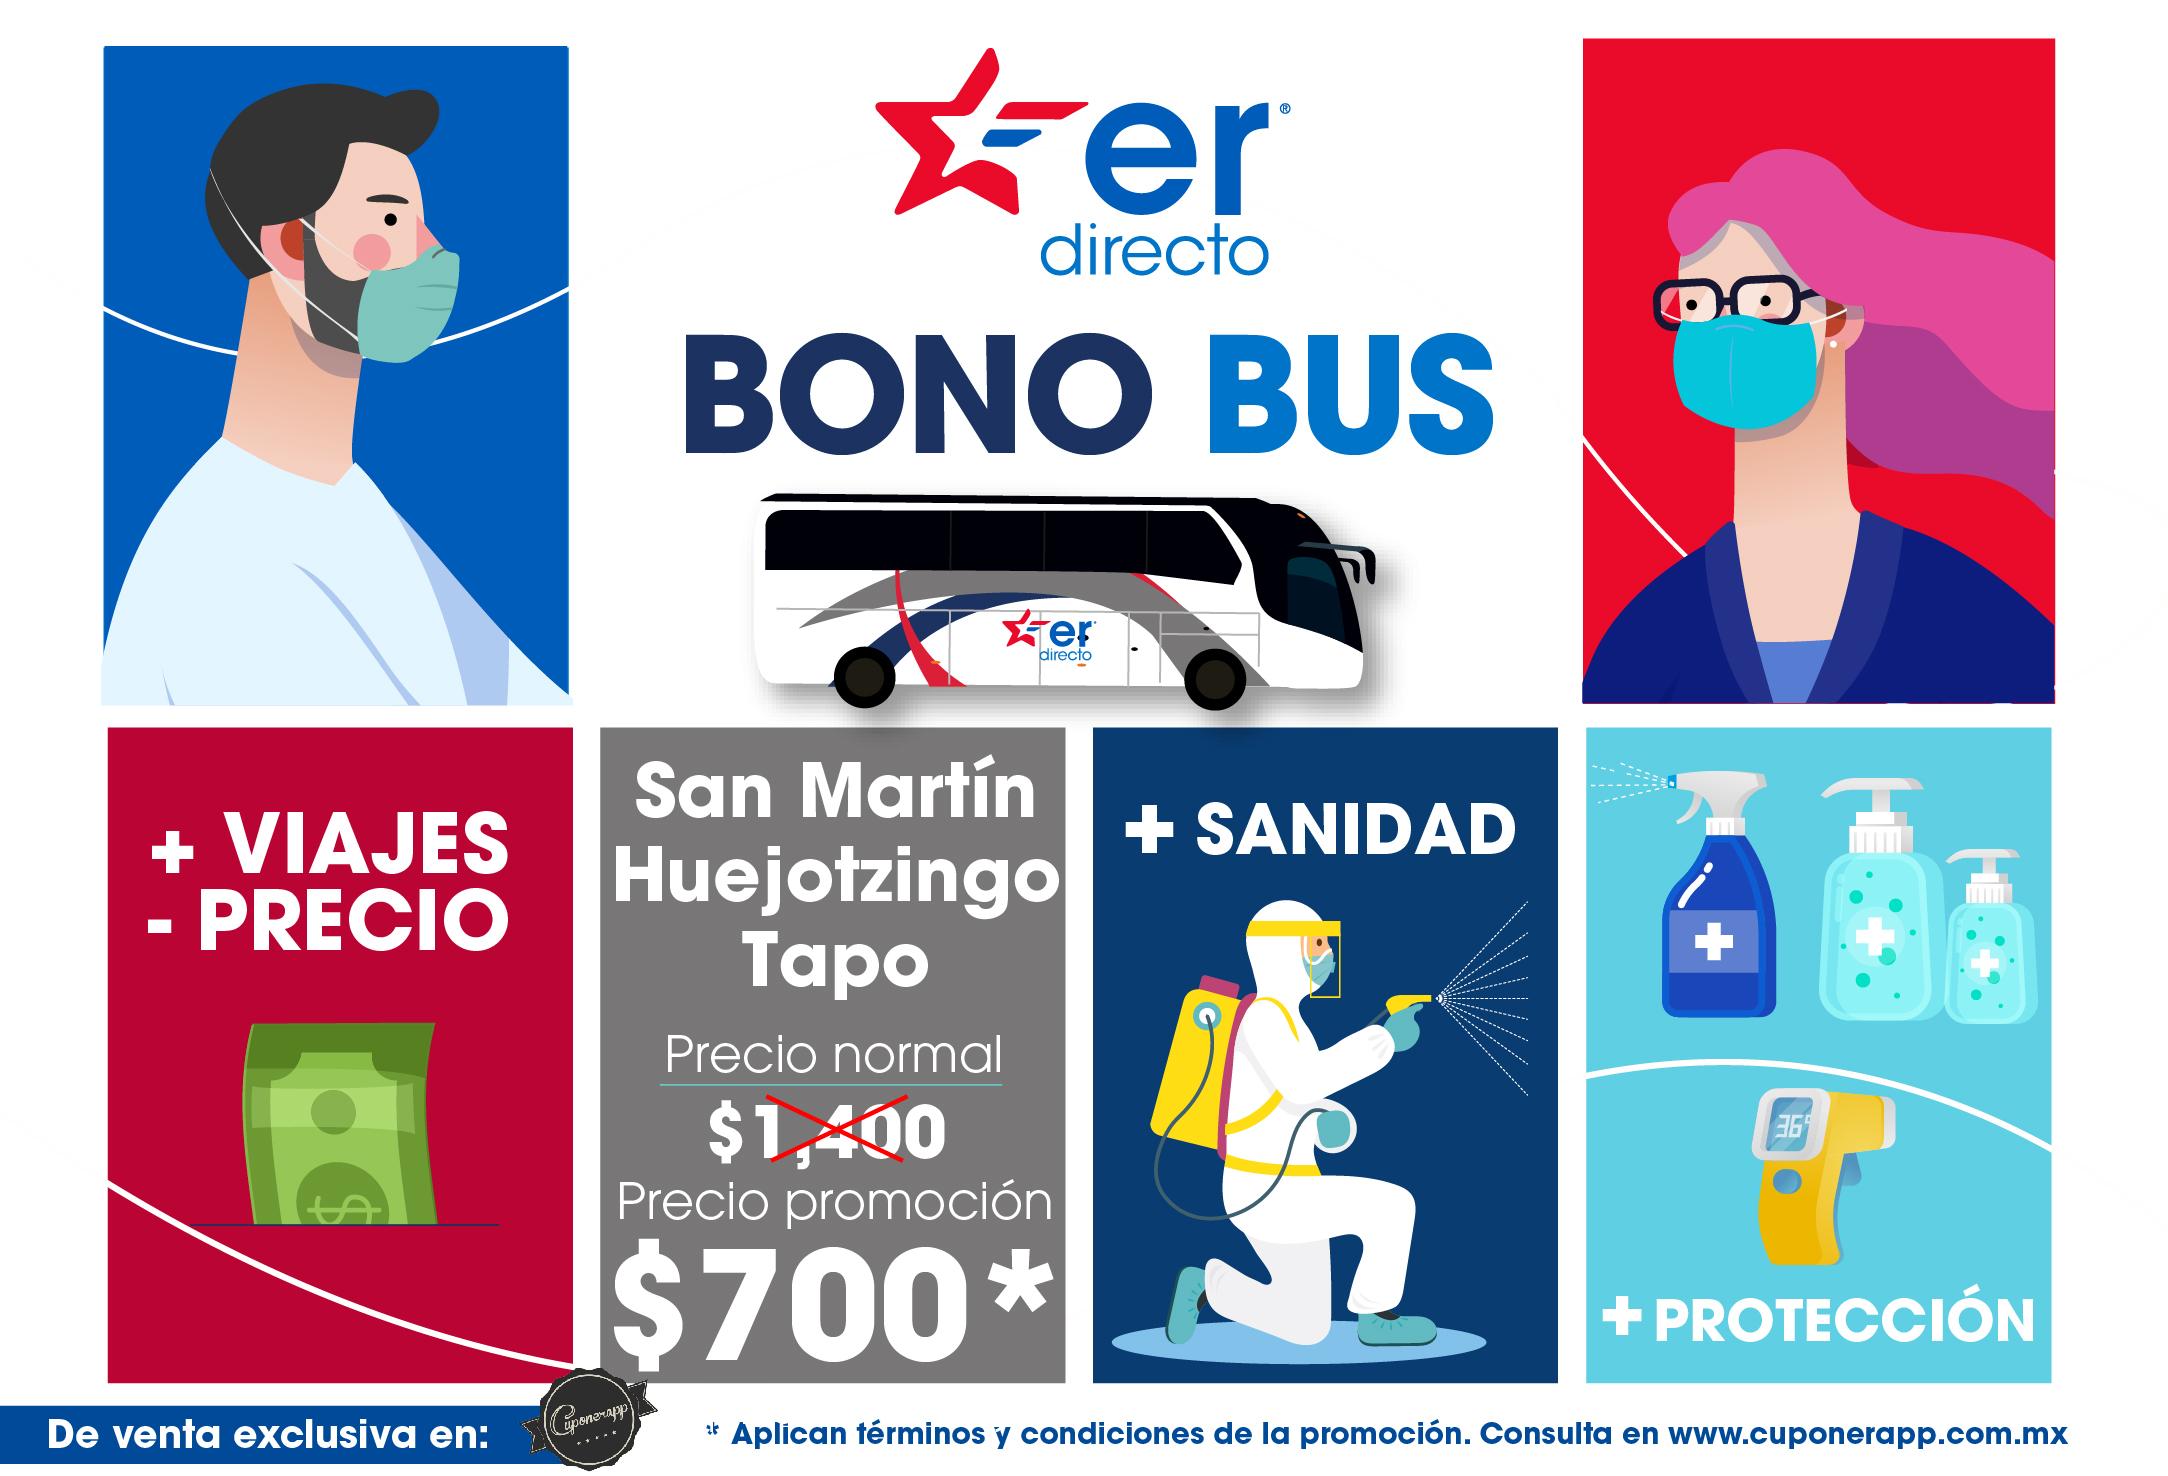 50% de descuento en 10 viajes directo San Martín y Huejotzingo